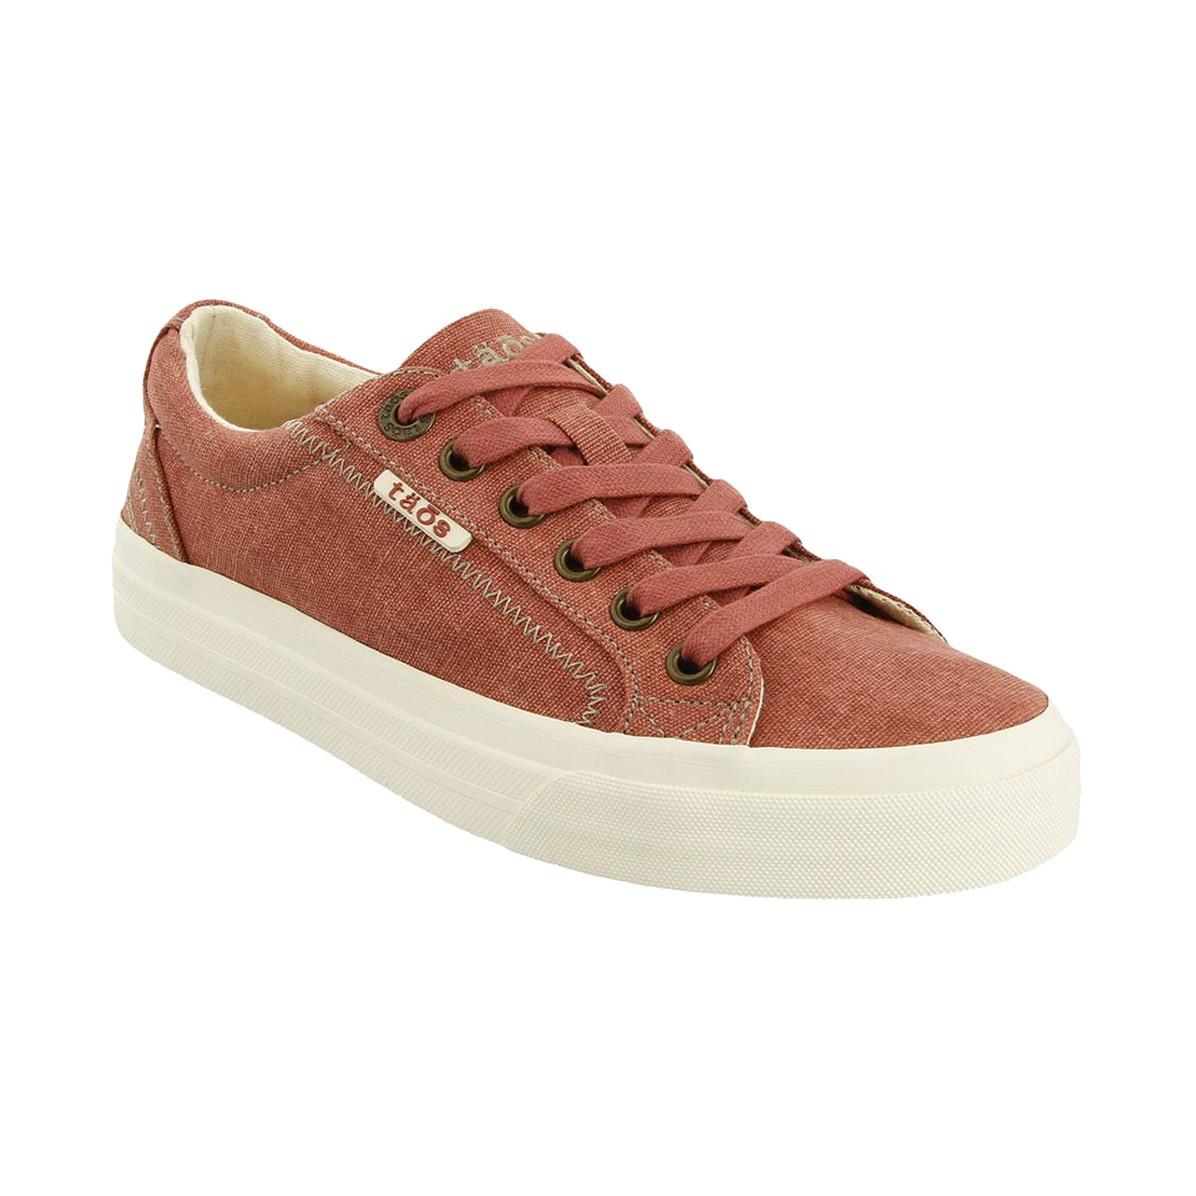 Taos Footwear Taos Women's Plim Soul Terracotta Sneaker